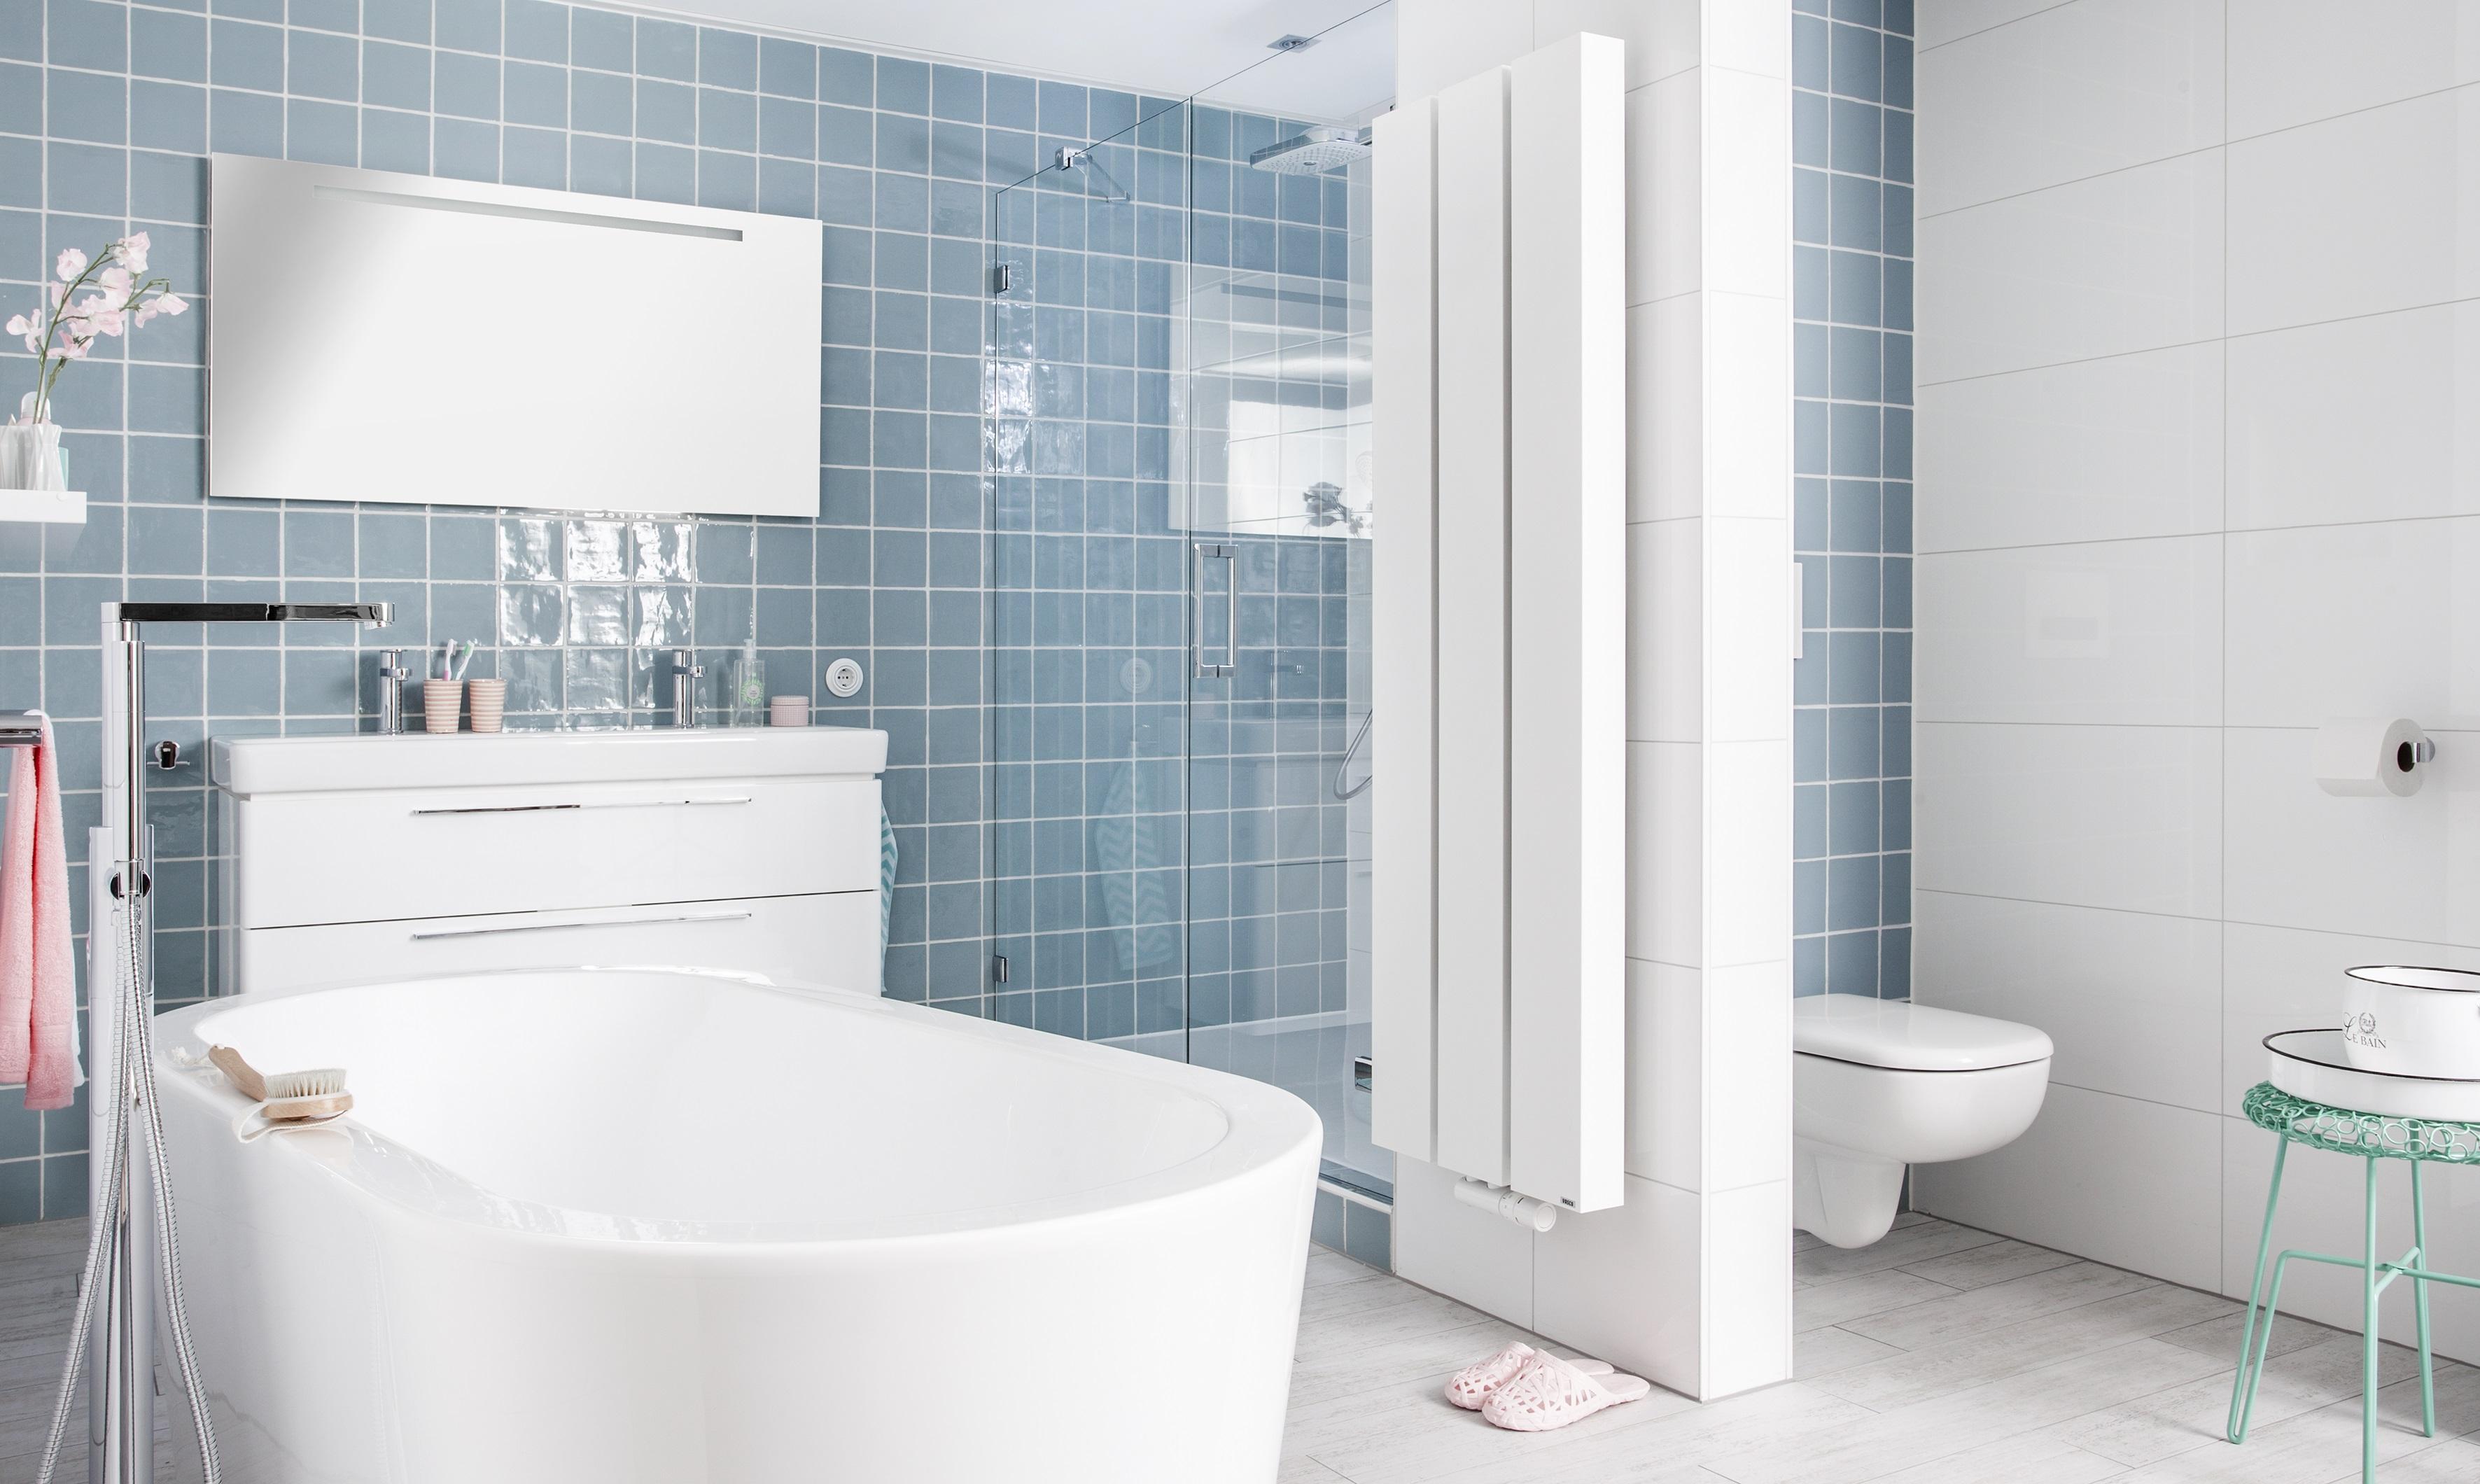 Baderie Badkamer Ontwerpen : Badkamers assen de specialisten van baderie geven advies